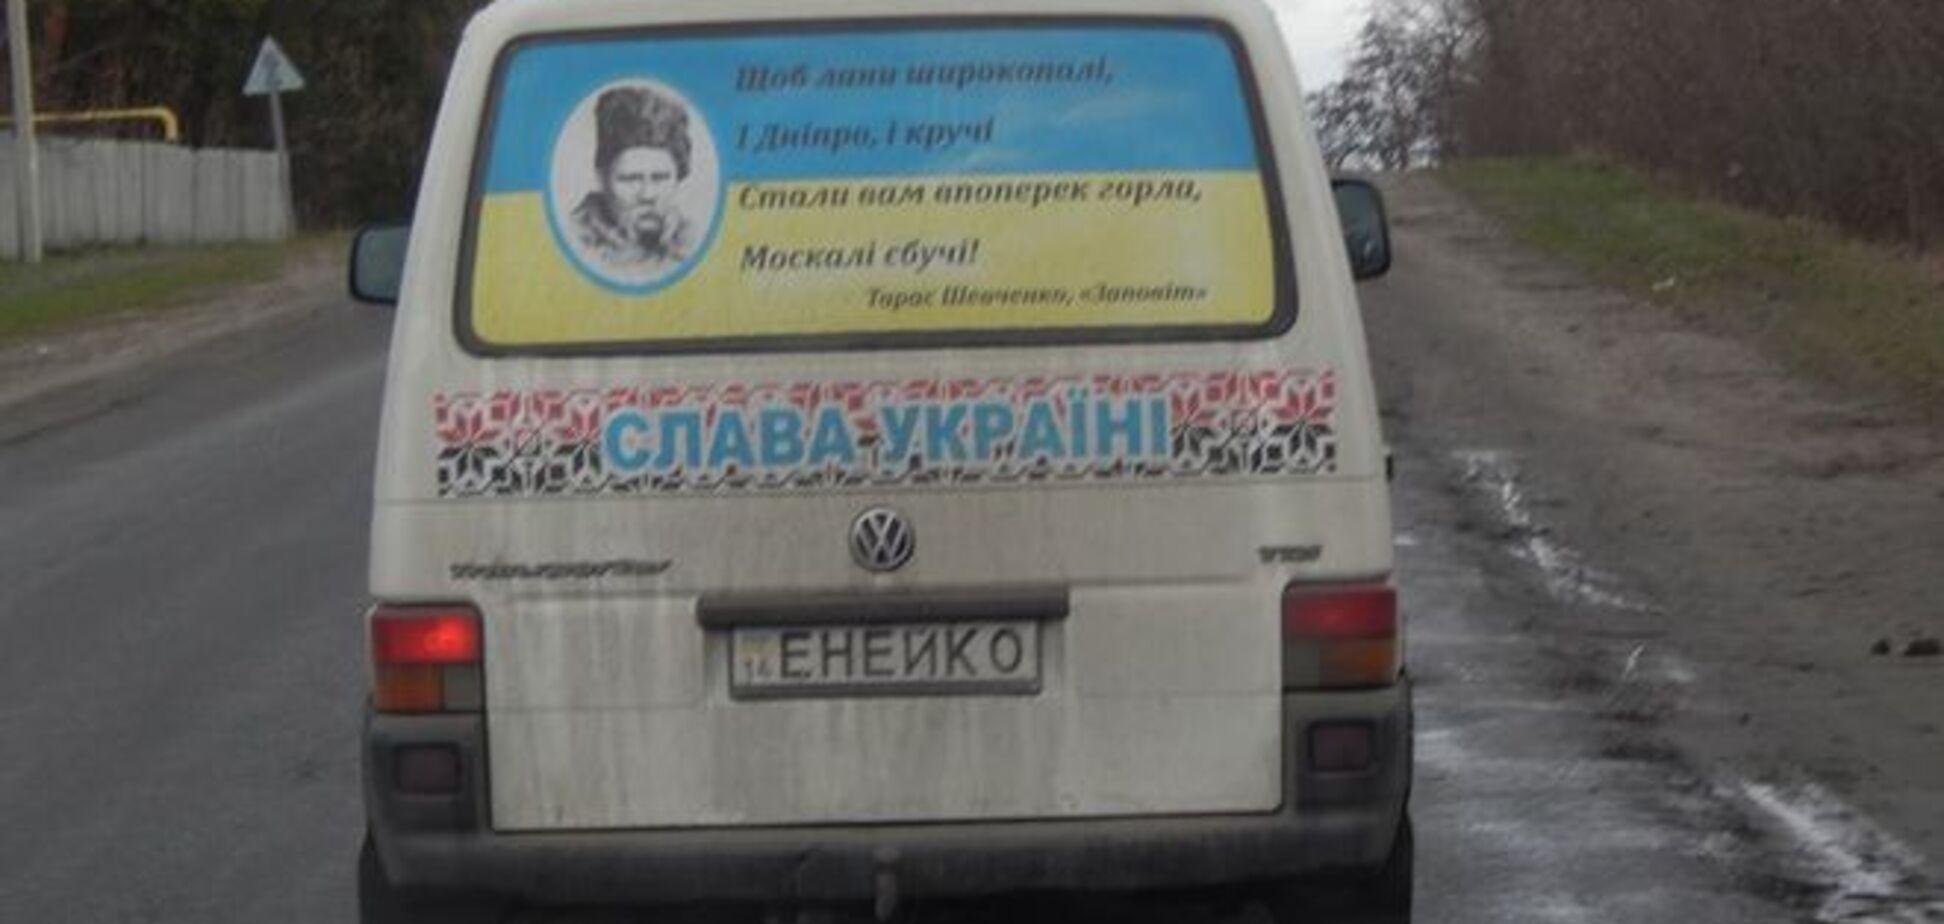 Слава Україні! На Луганщине замечен 'бандеровский бусик' с современным стихом Шевченко